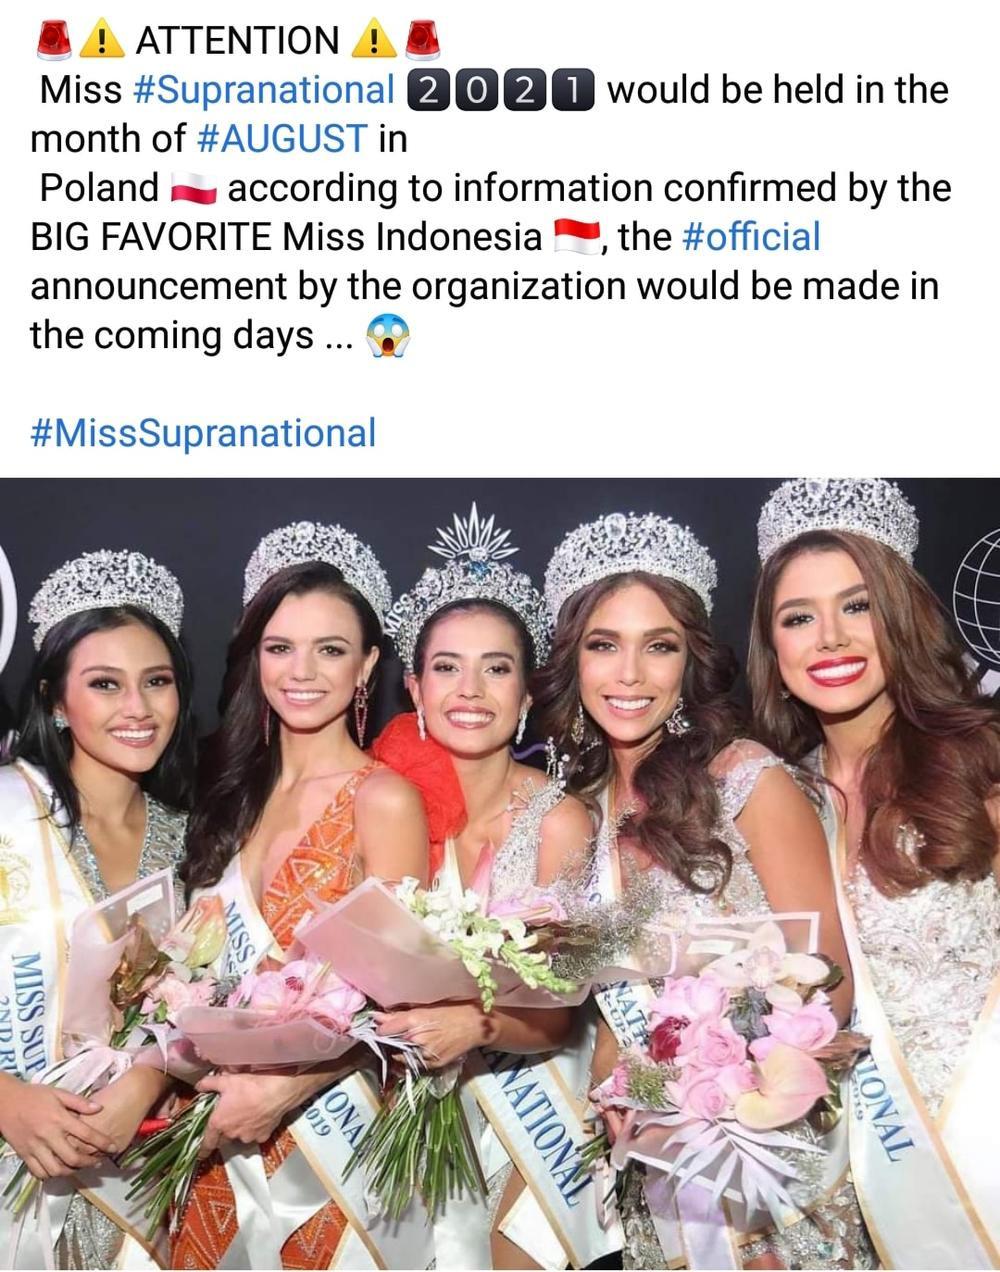 Rộ tin Miss Supranational tổ chức vào tháng 8: Đào Hà hay Lê Thu Trang sẽ là đại diện Việt Nam? Ảnh 2